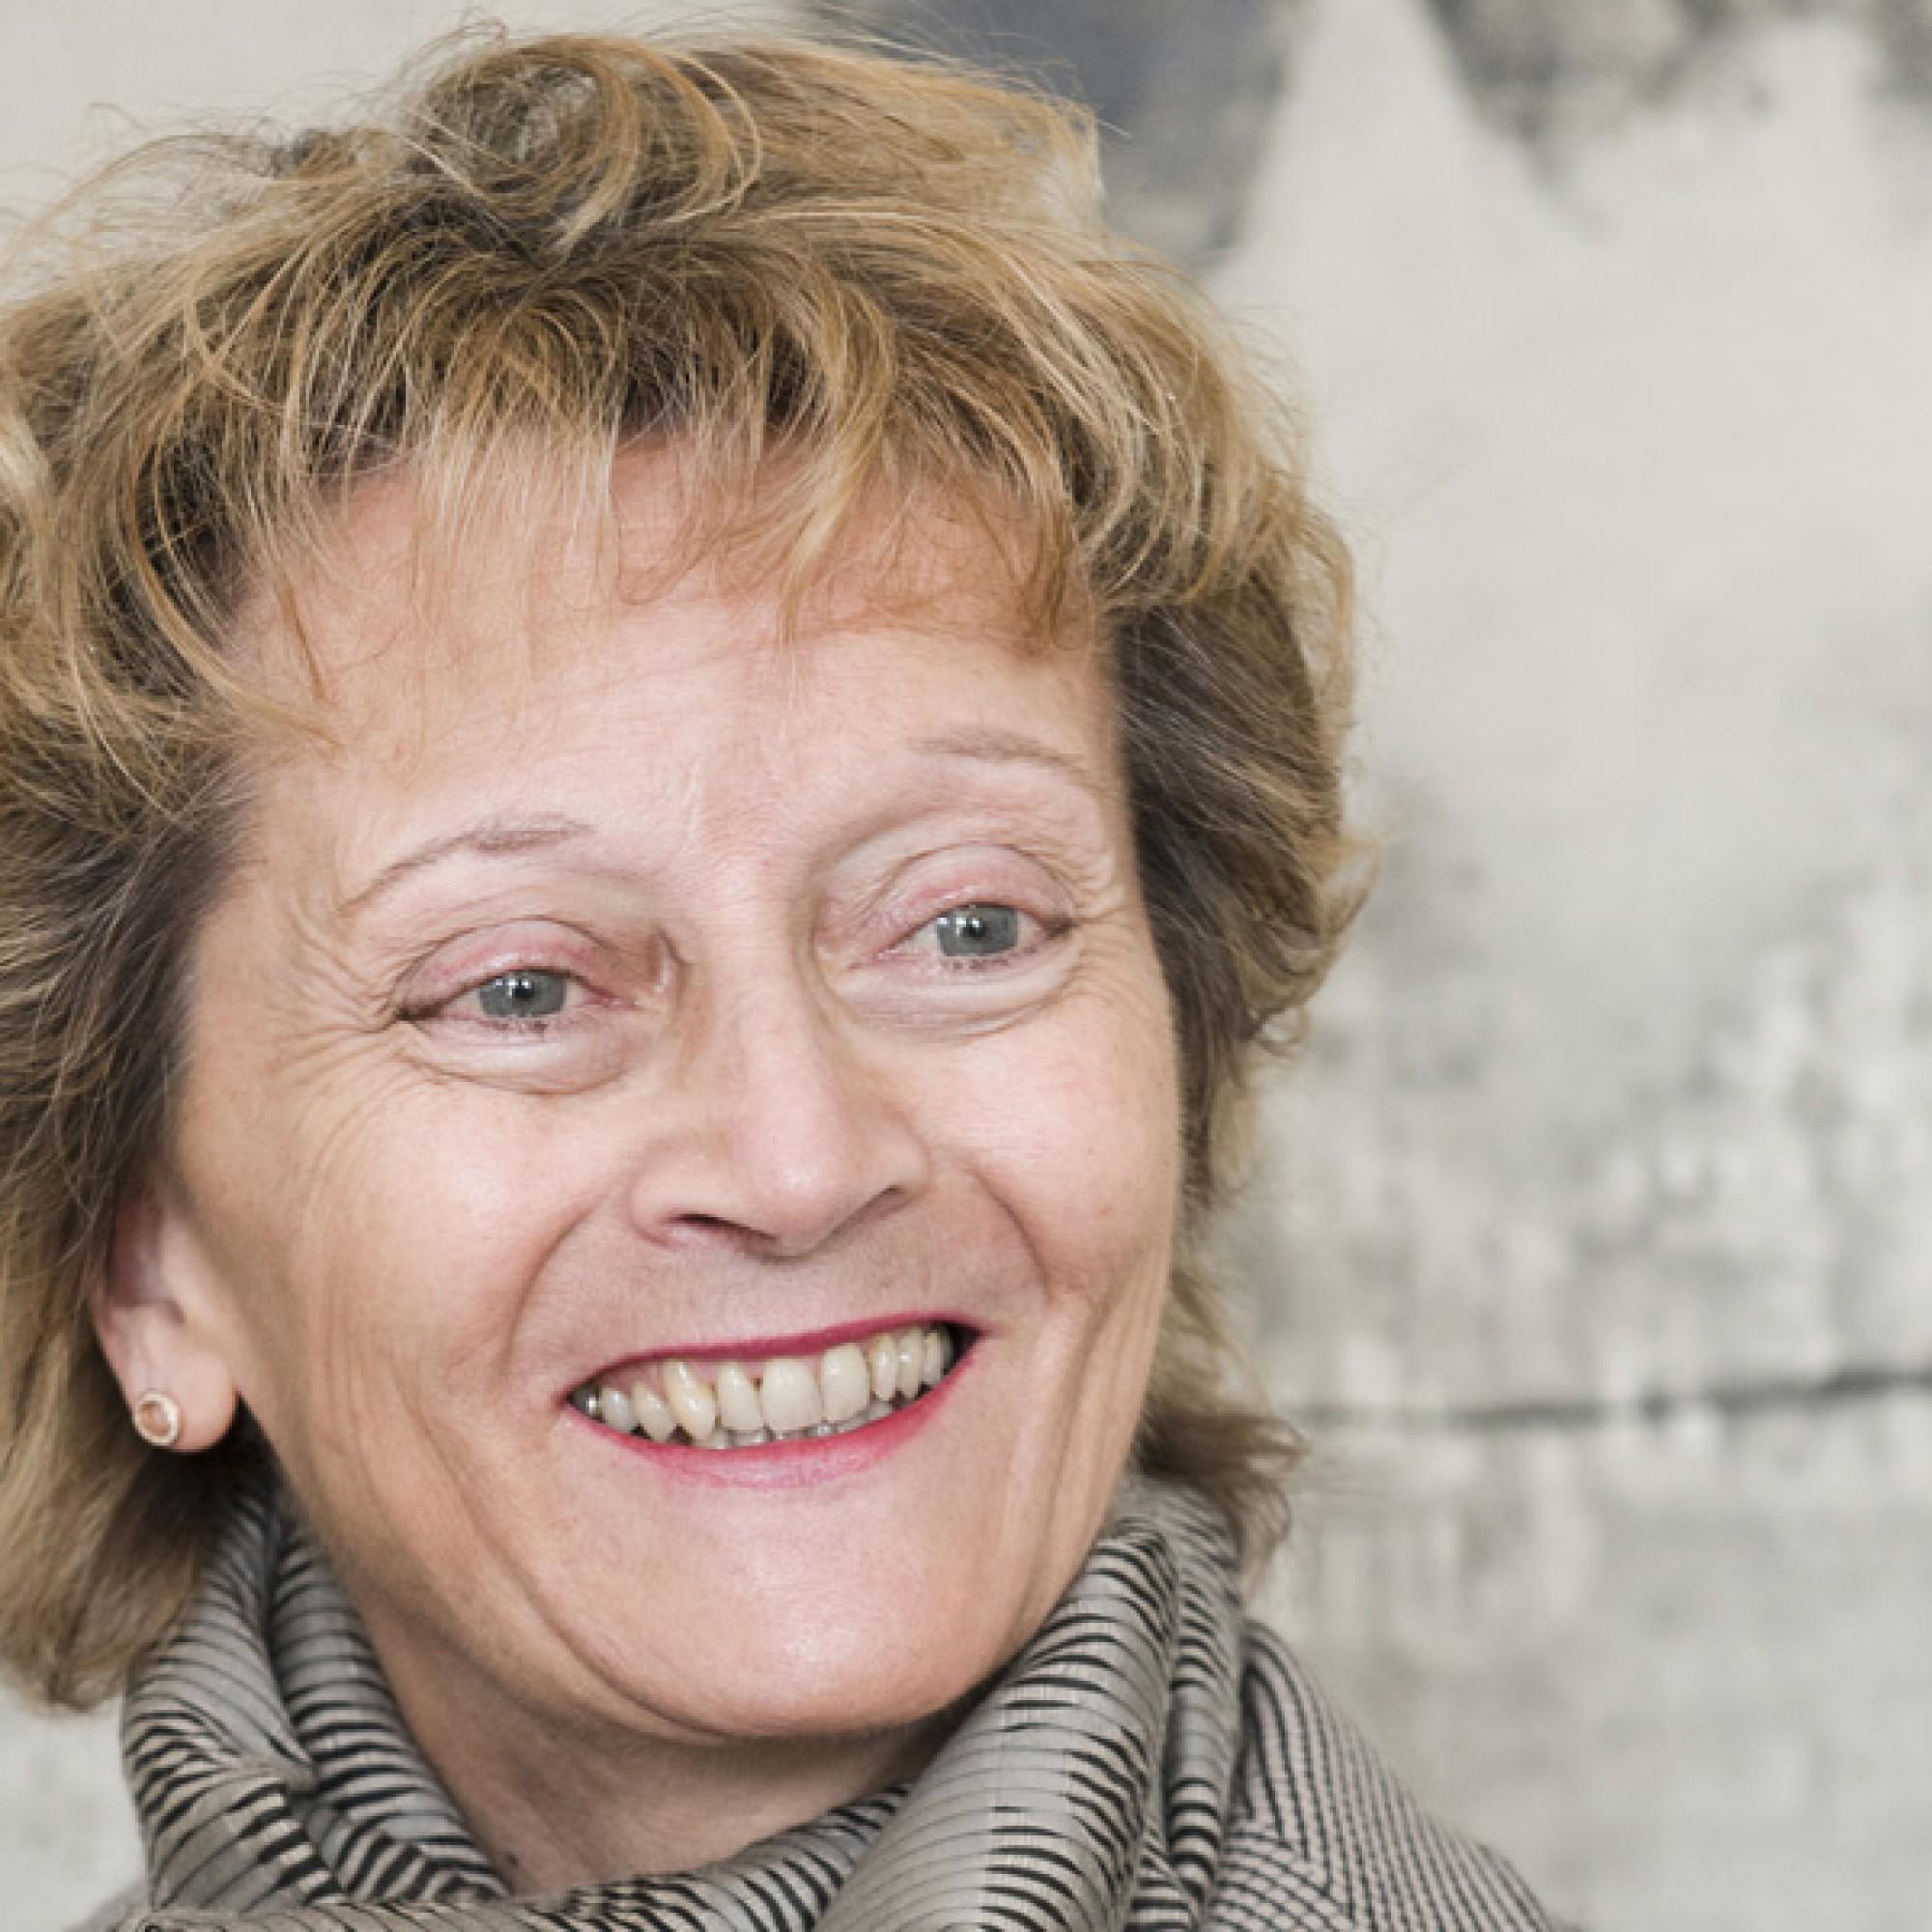 Die scheidende Bundesrätin Eveline Widmer-Schlumpf engagiert sich für die Lenkungsabgabe. (© EFD)